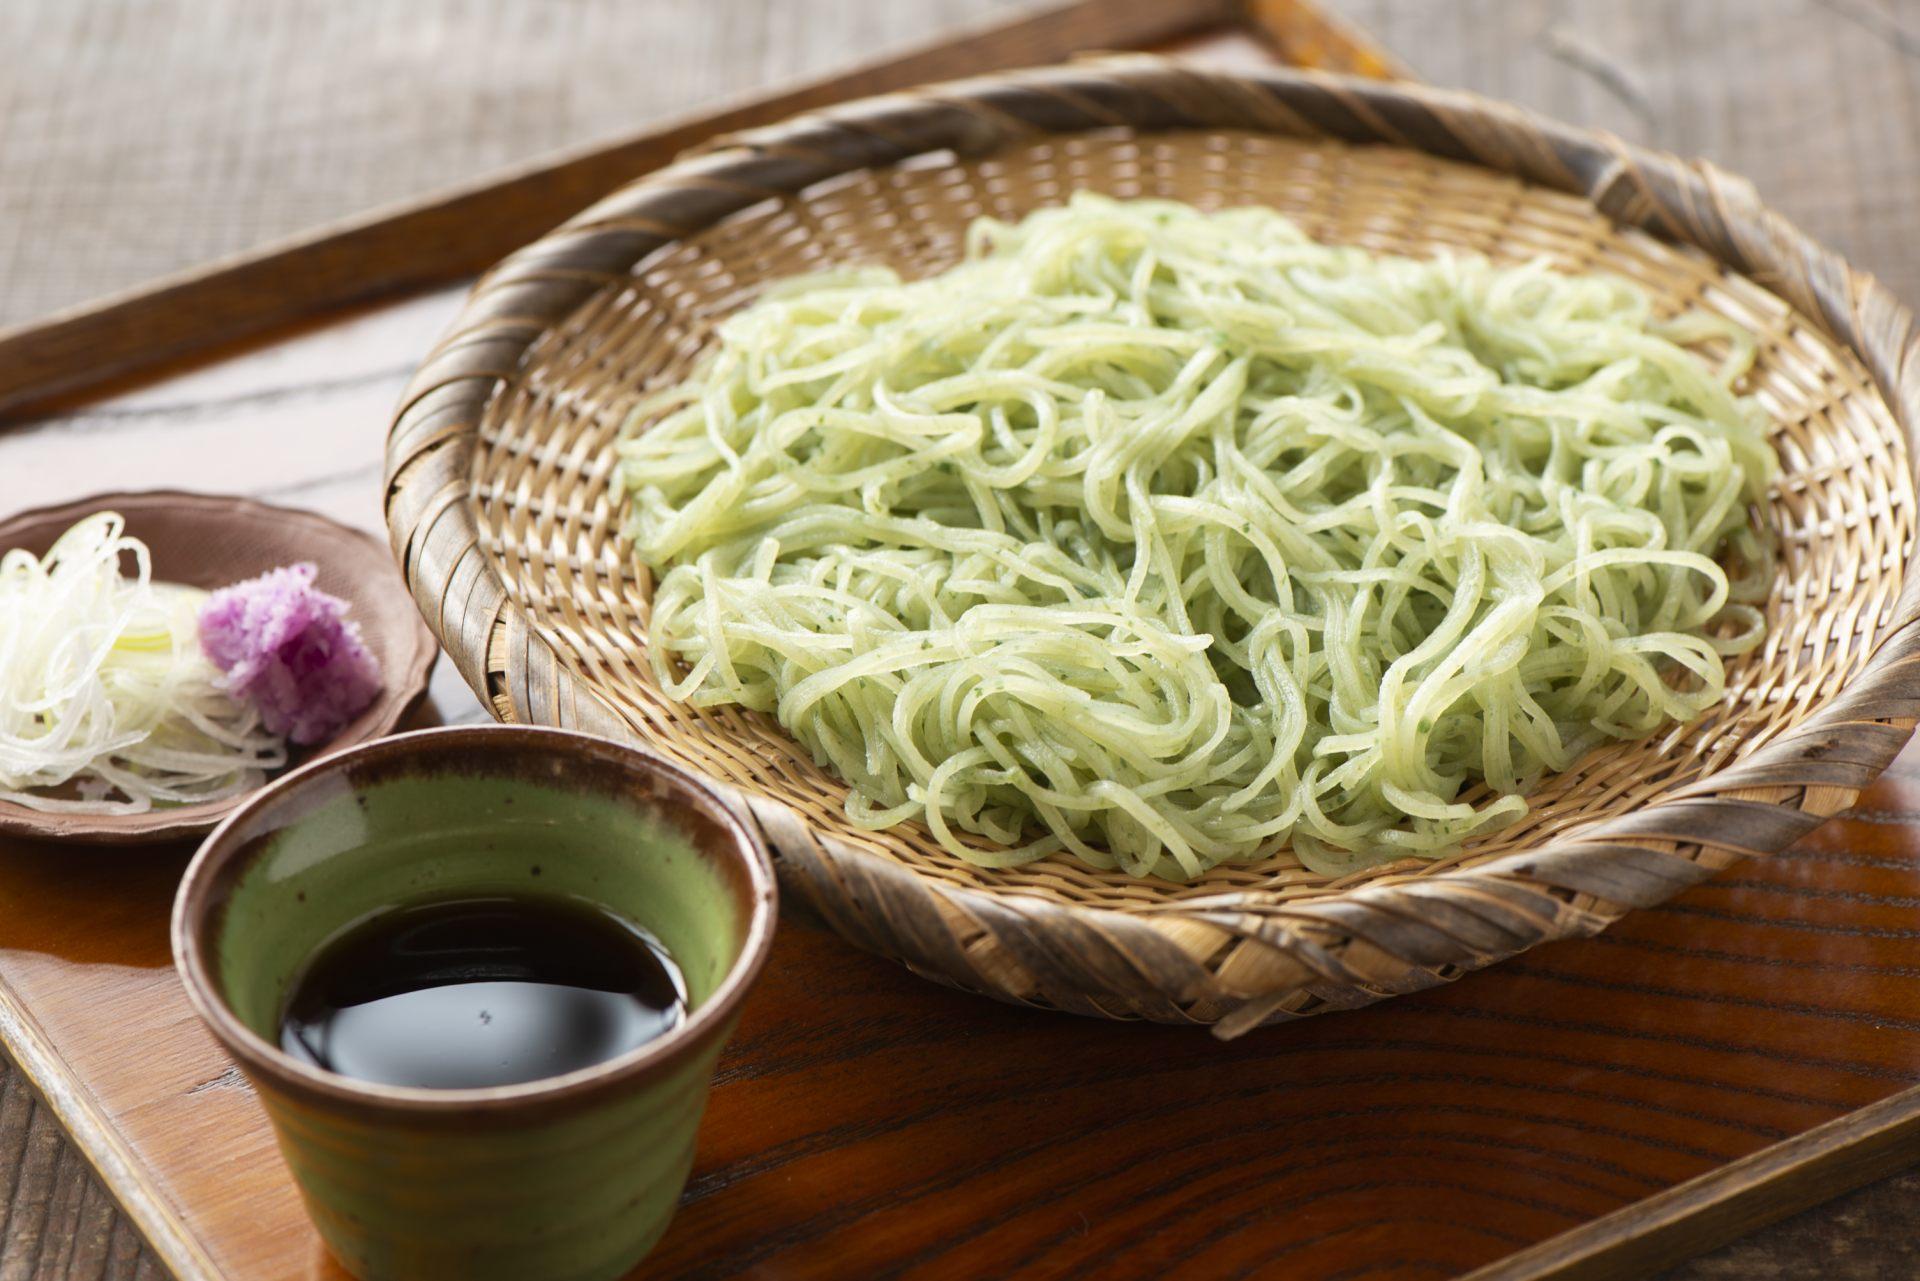 期間限定的時令蕎麥麵,包含艾草、大葉和櫻花蝦。